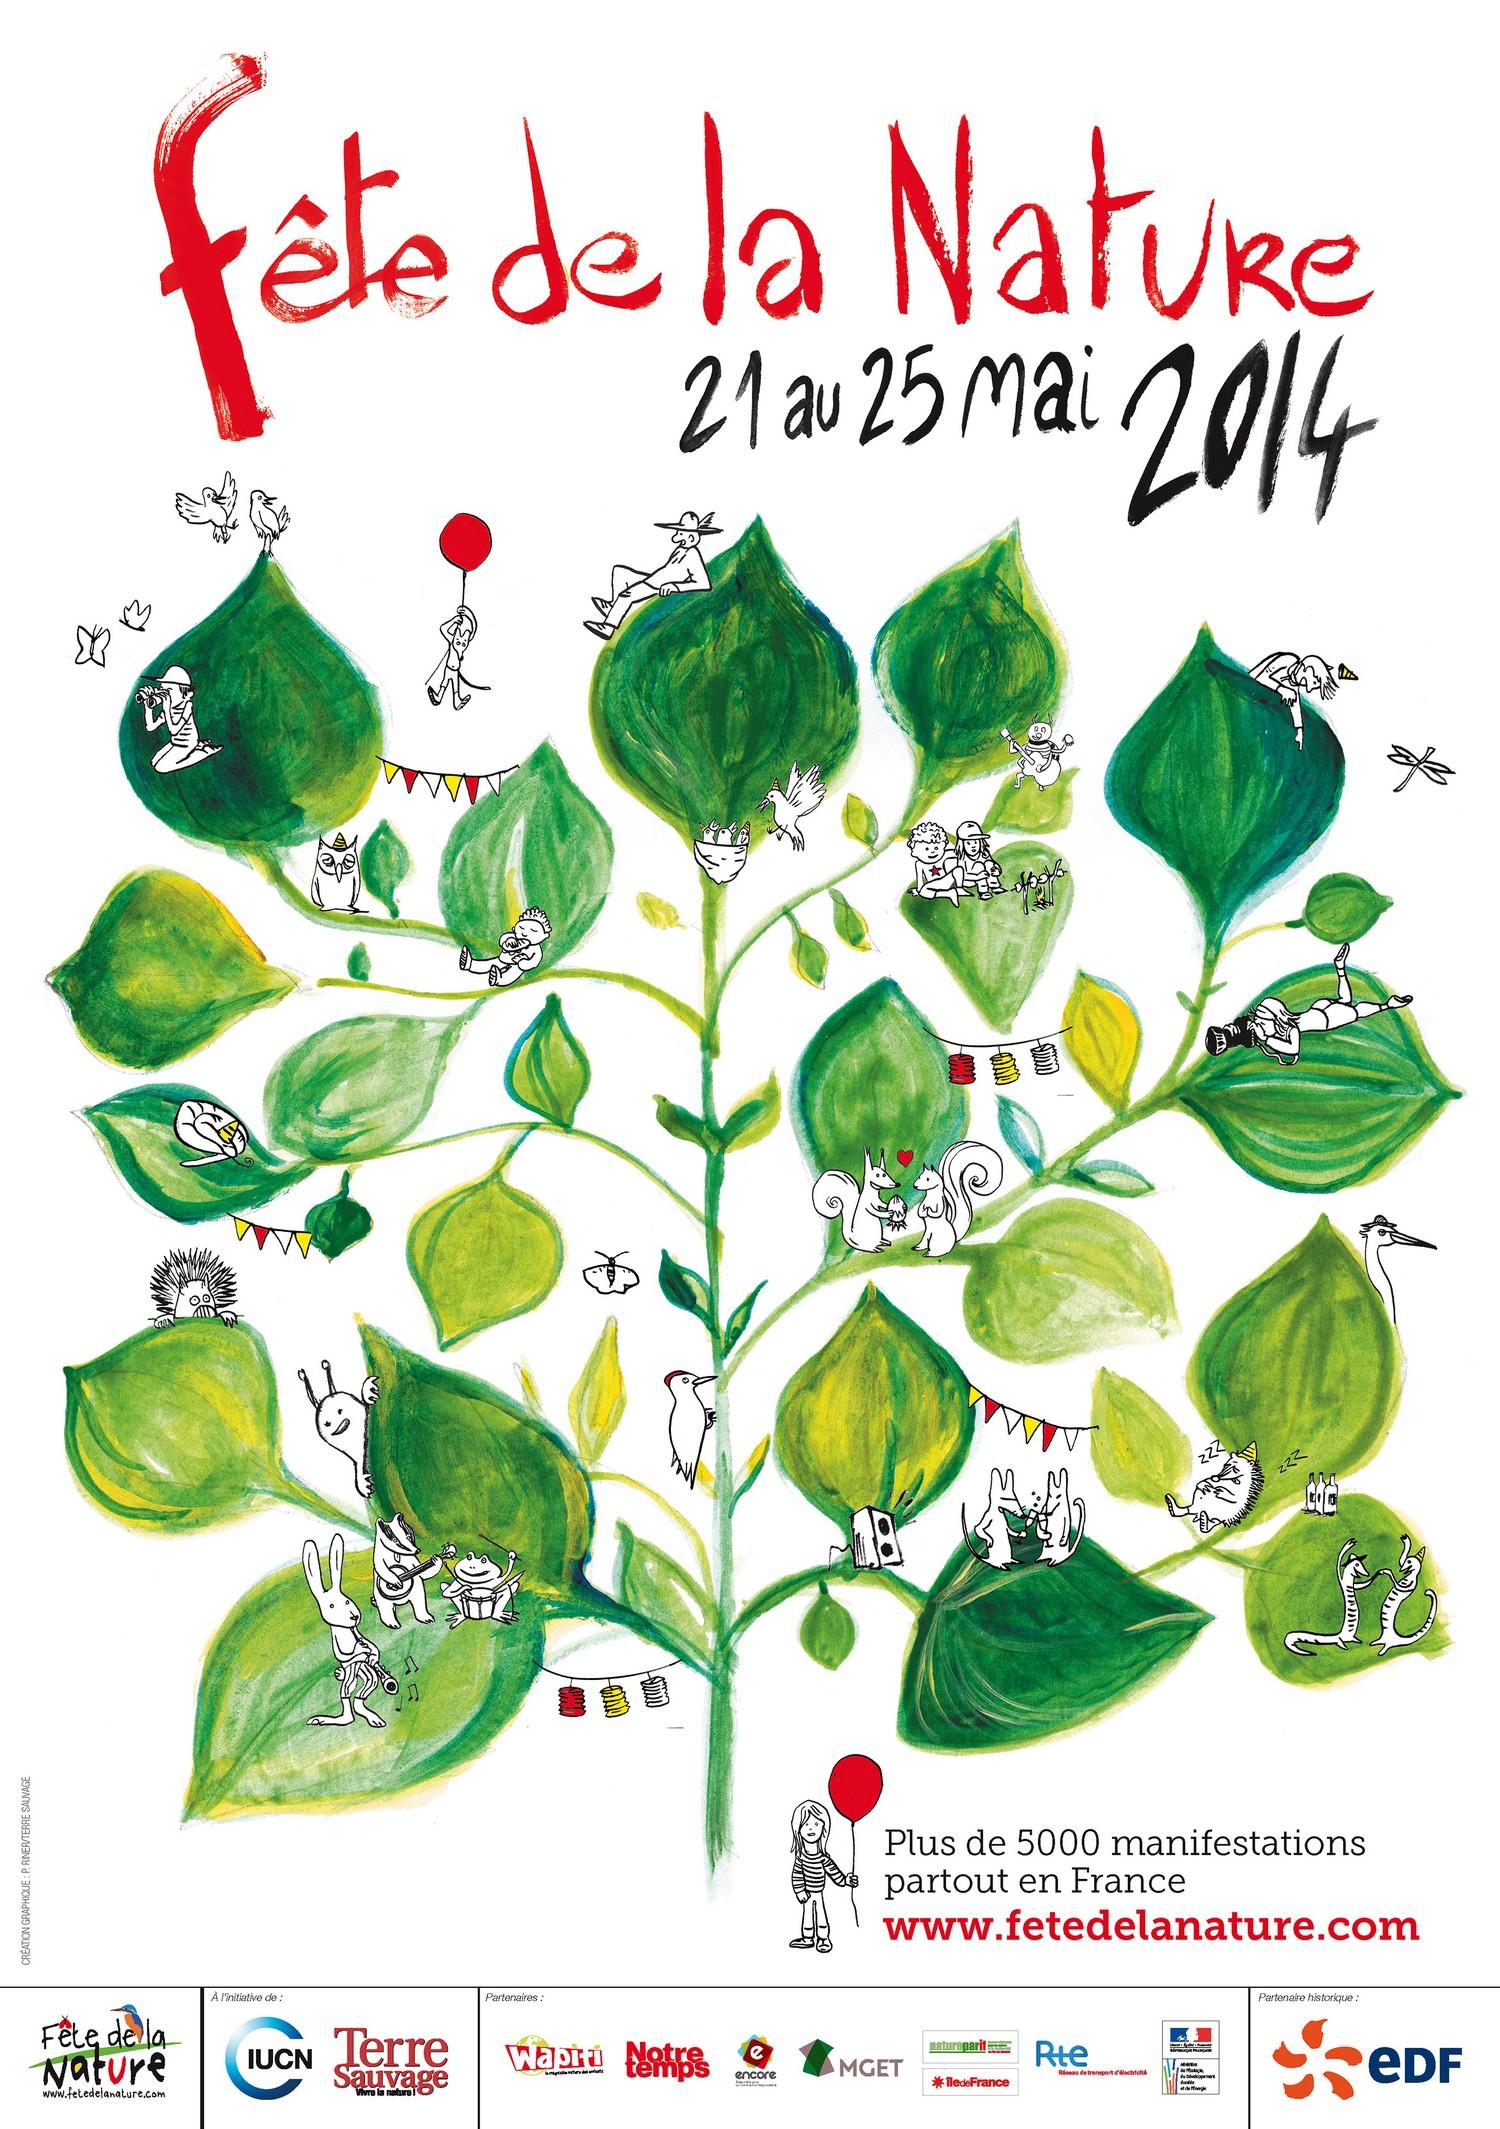 La Fête de la Nature 2014